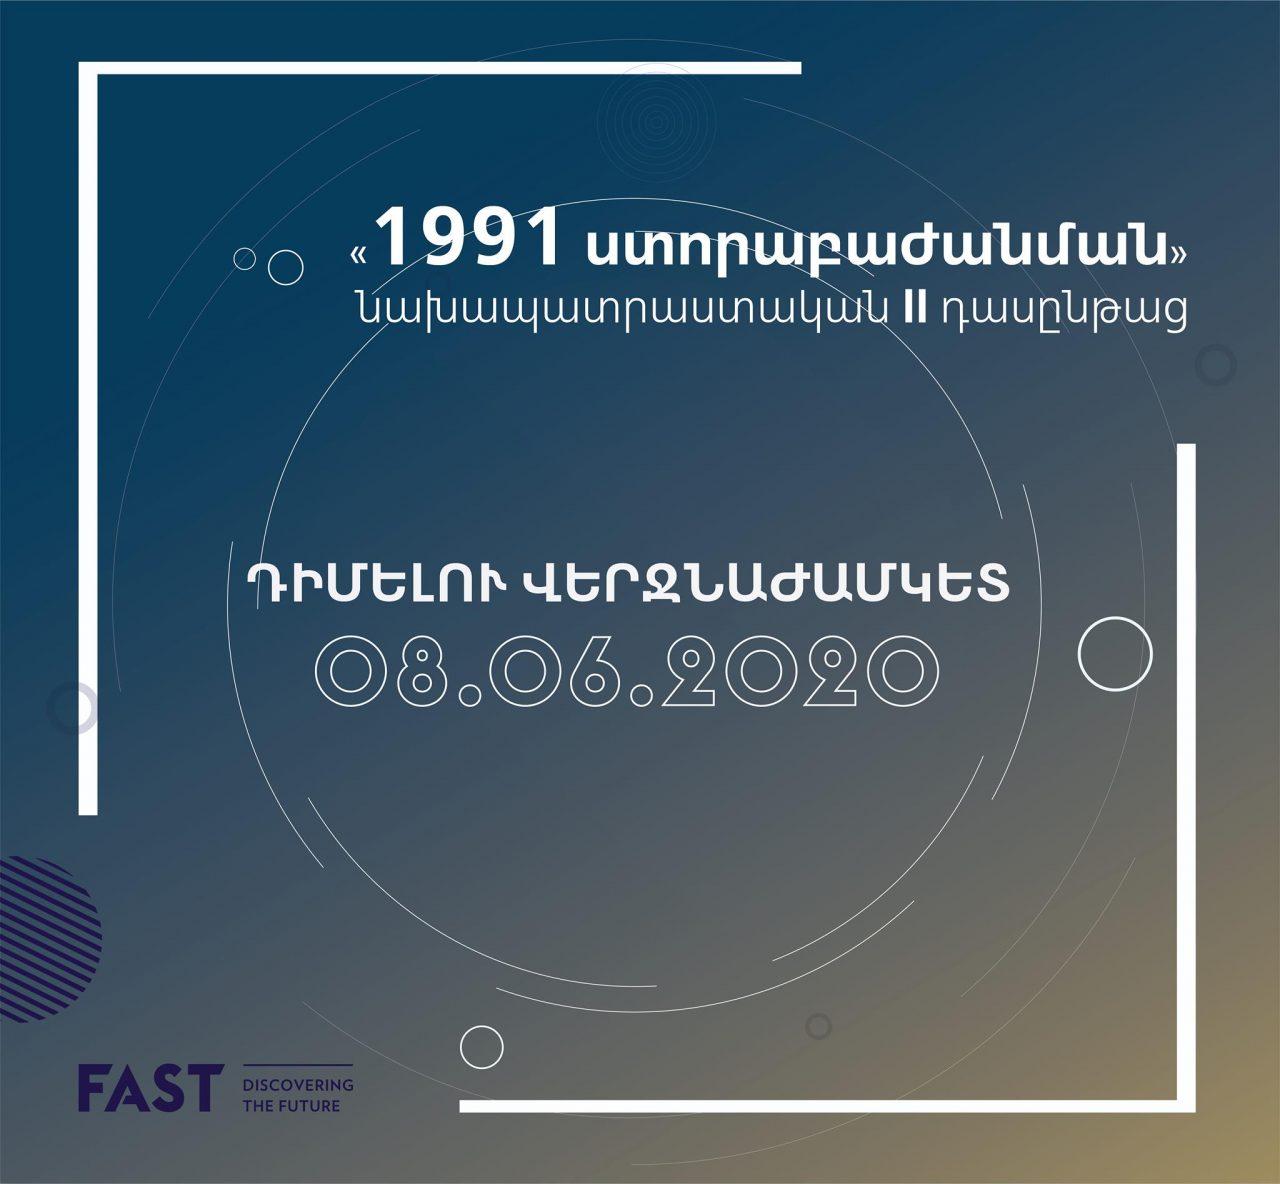 FAST-ը ընդունում է «1991 ստորաբաժանման» նախապատրաստական երկրորդ դասընթացի հայտերը